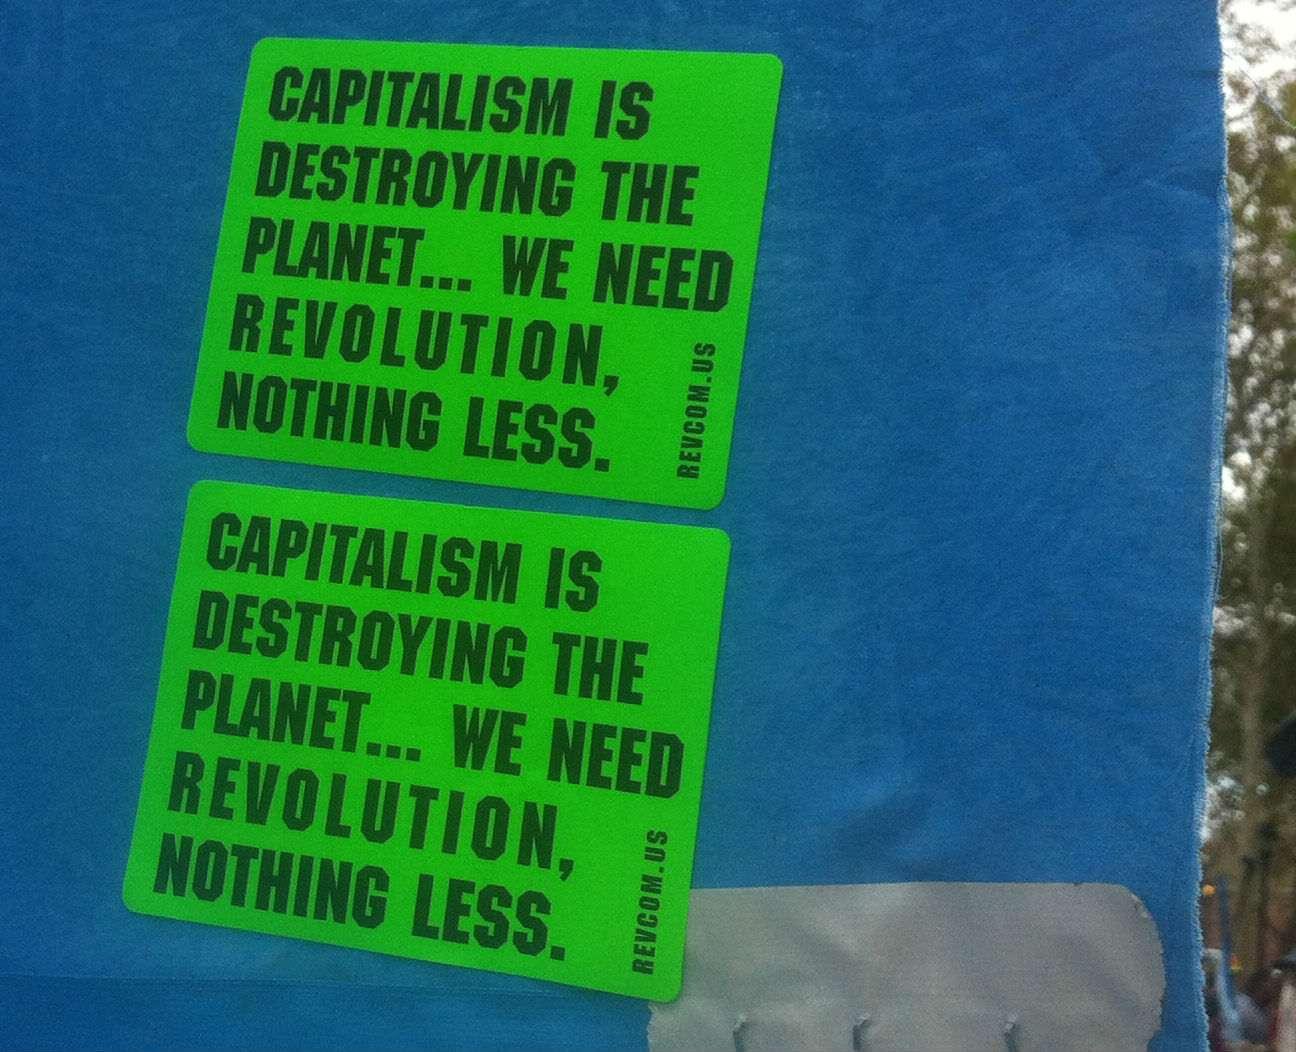 Need Revolution